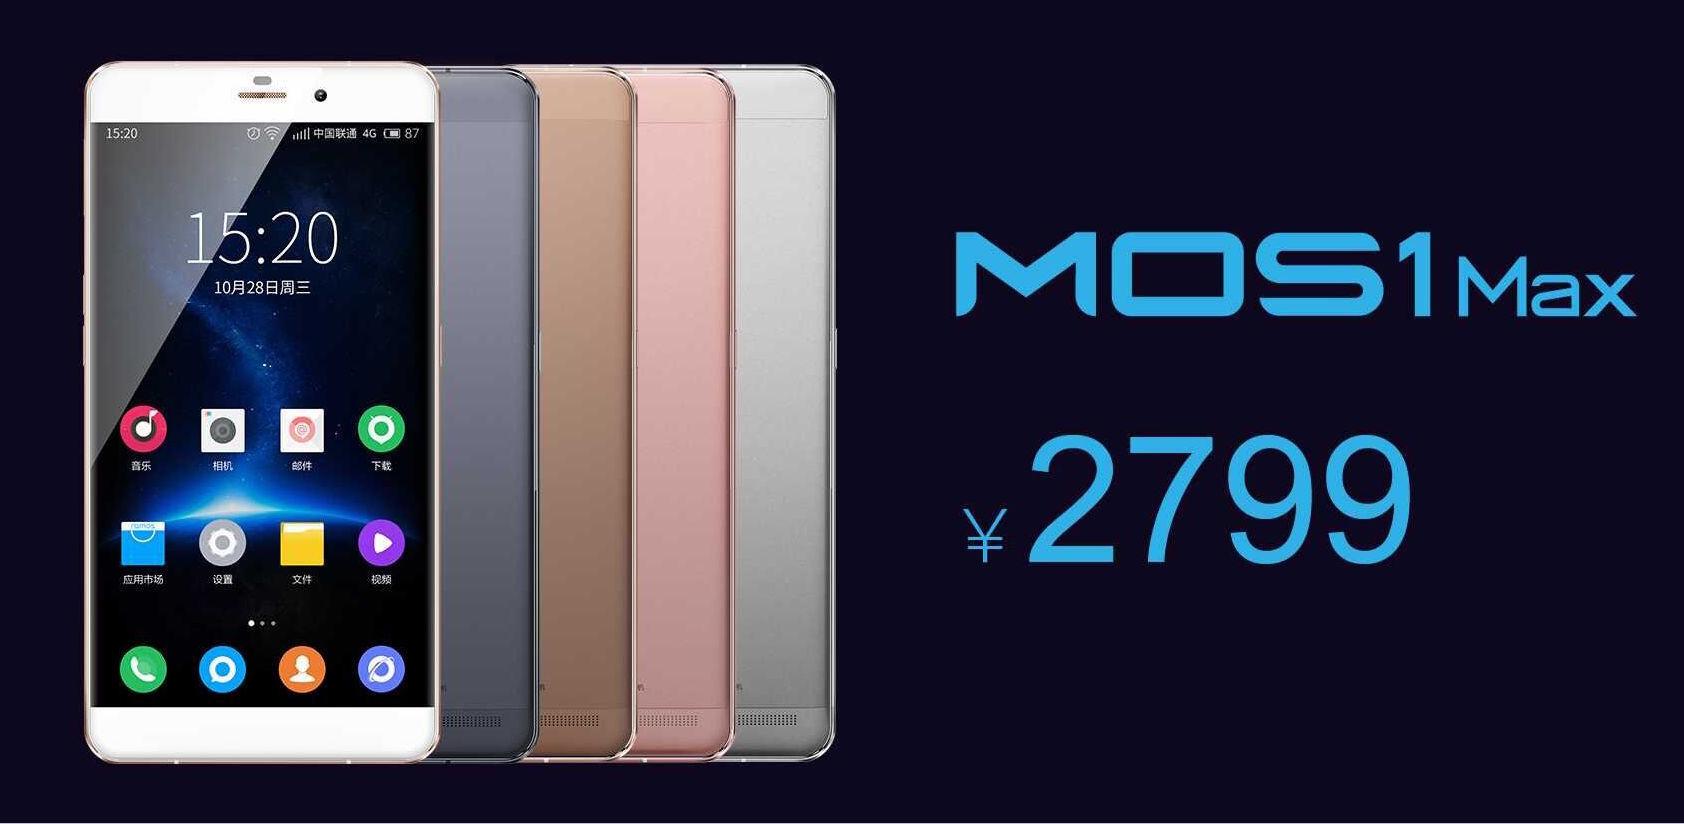 蓝魔MOS1max正式发布,电池容量超过两个 6 Plus